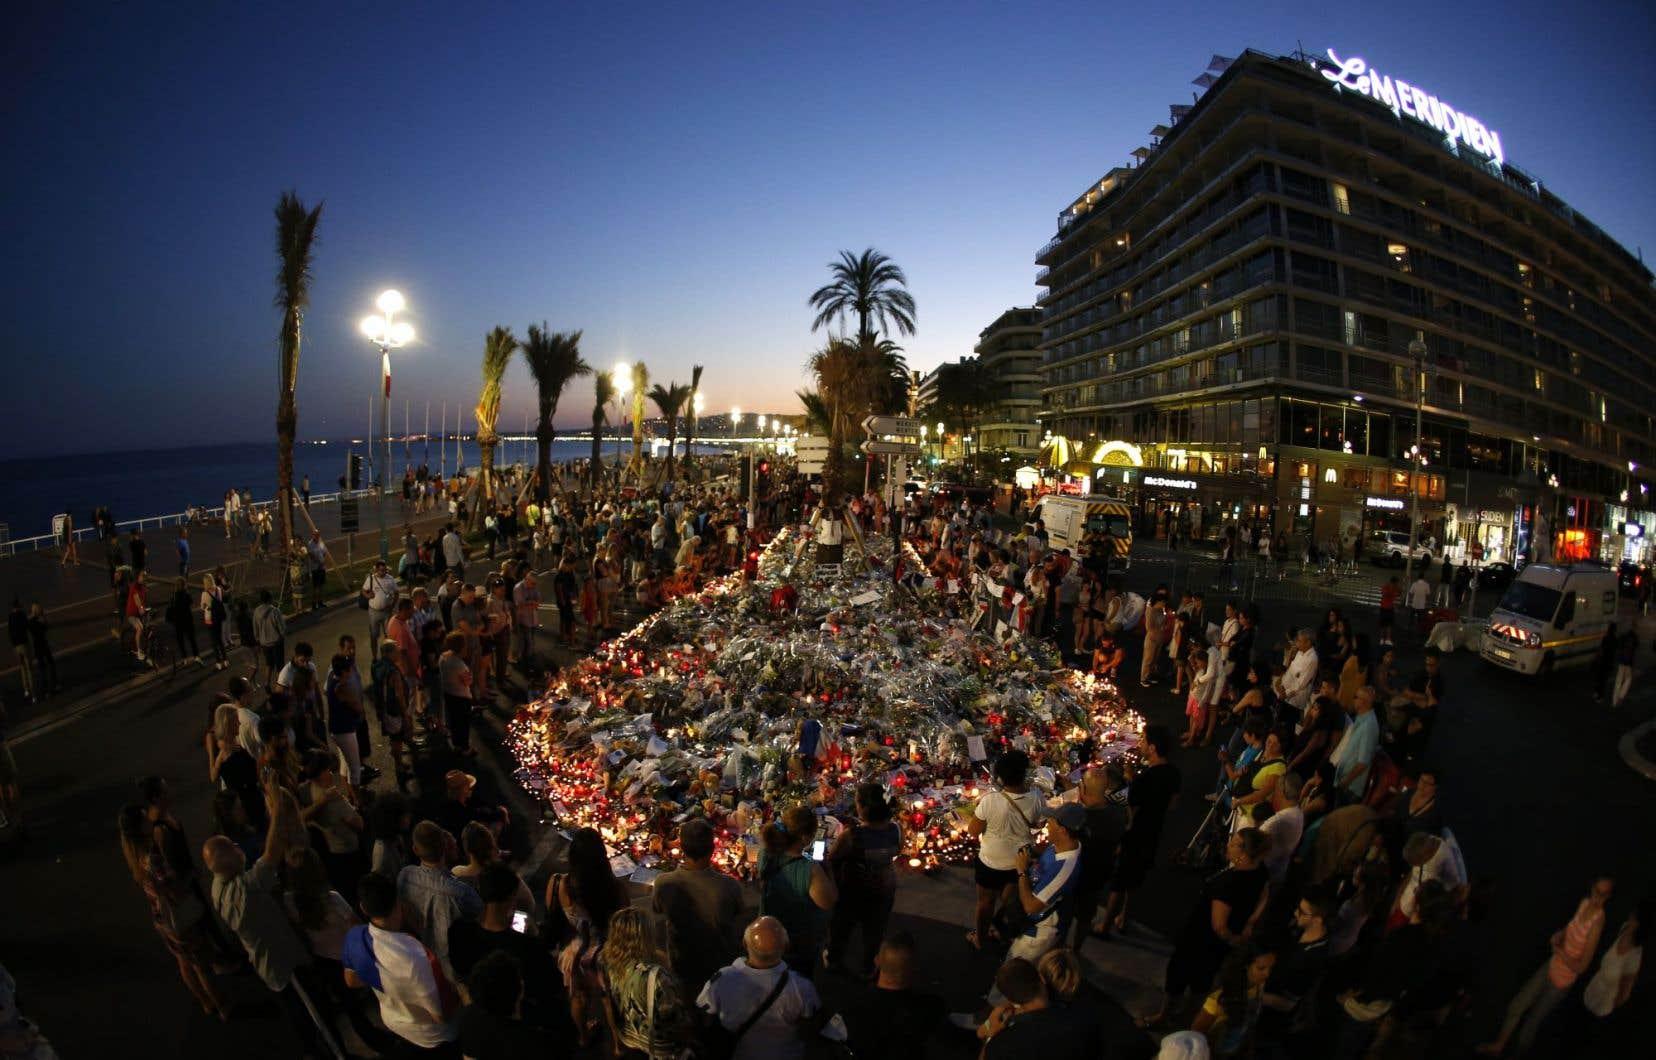 Un mémorial avait été installé sur la Promenade des Anglais, à Nice, le 17 juillet 2016, en hommage aux victimes de l'attentat survenu trois jours plus tôt.